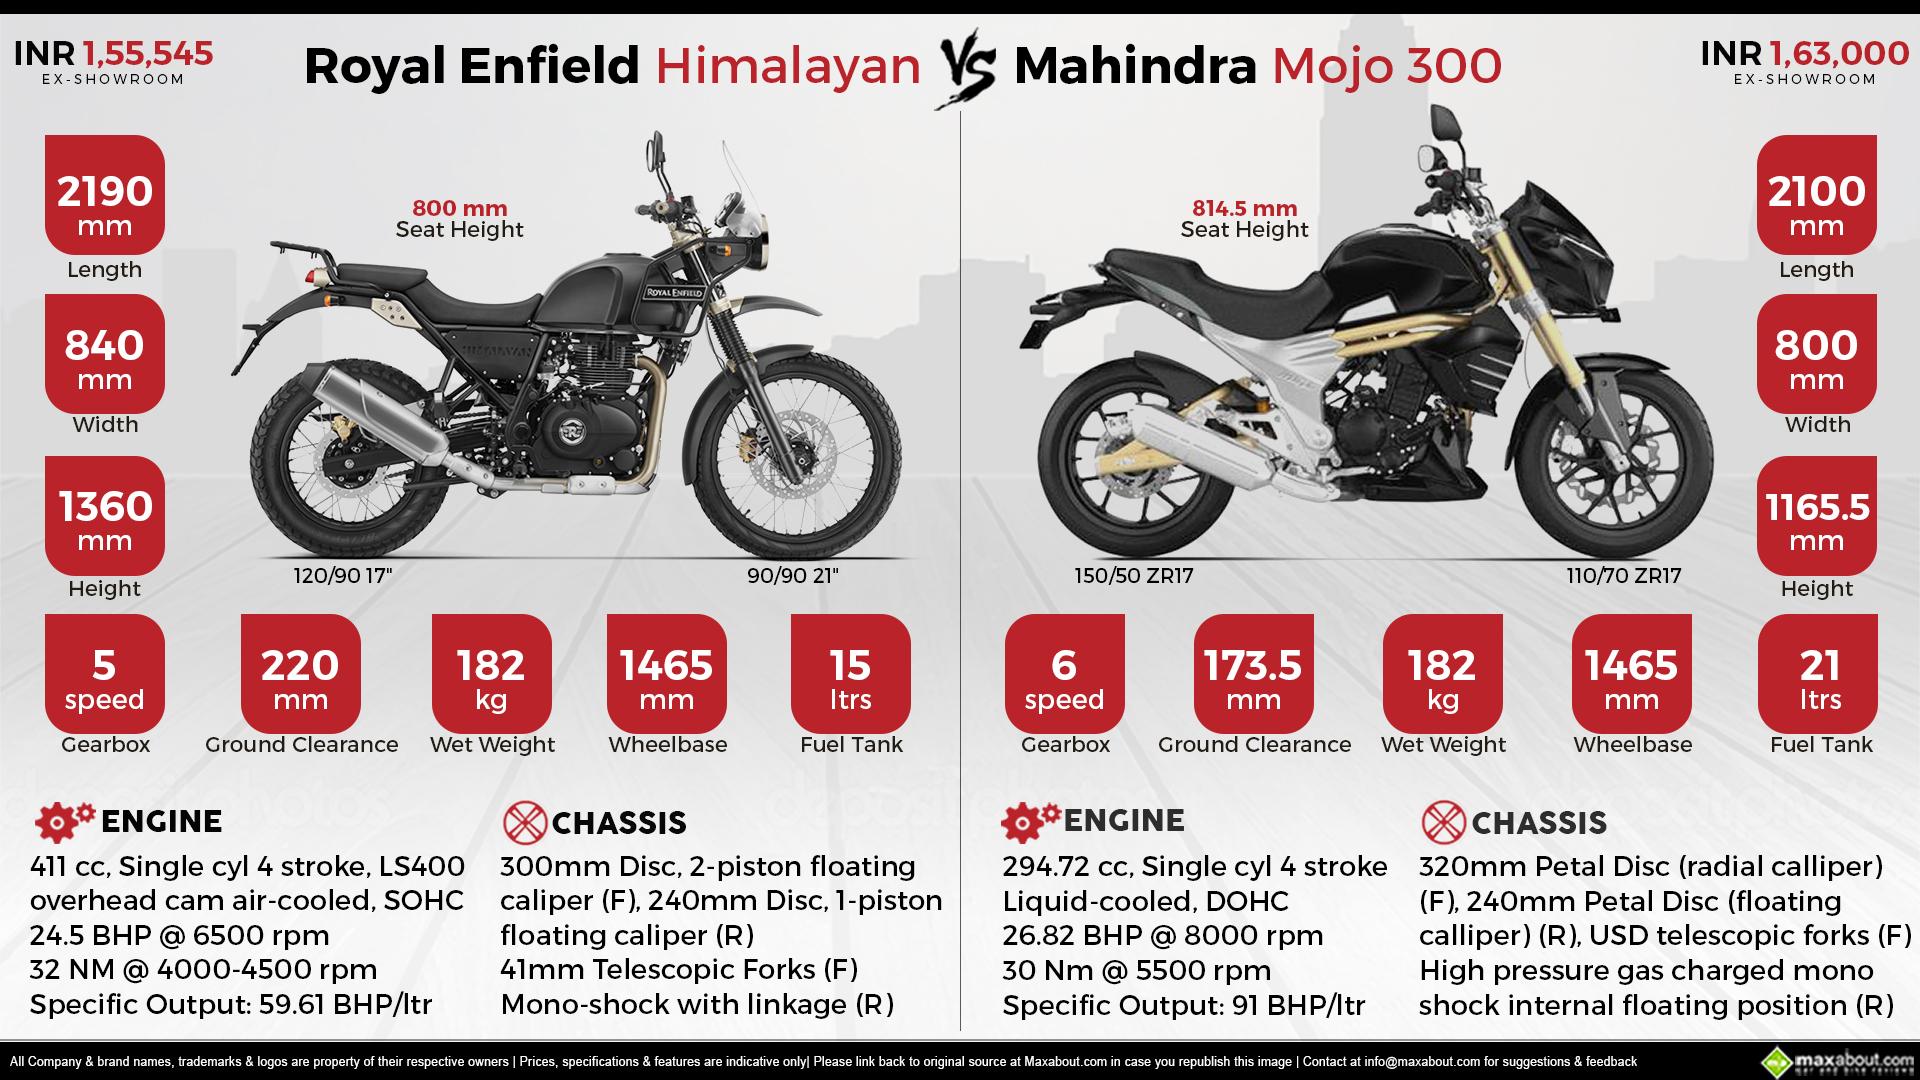 Royal Enfield Himalayan Vs Mahindra Mojo